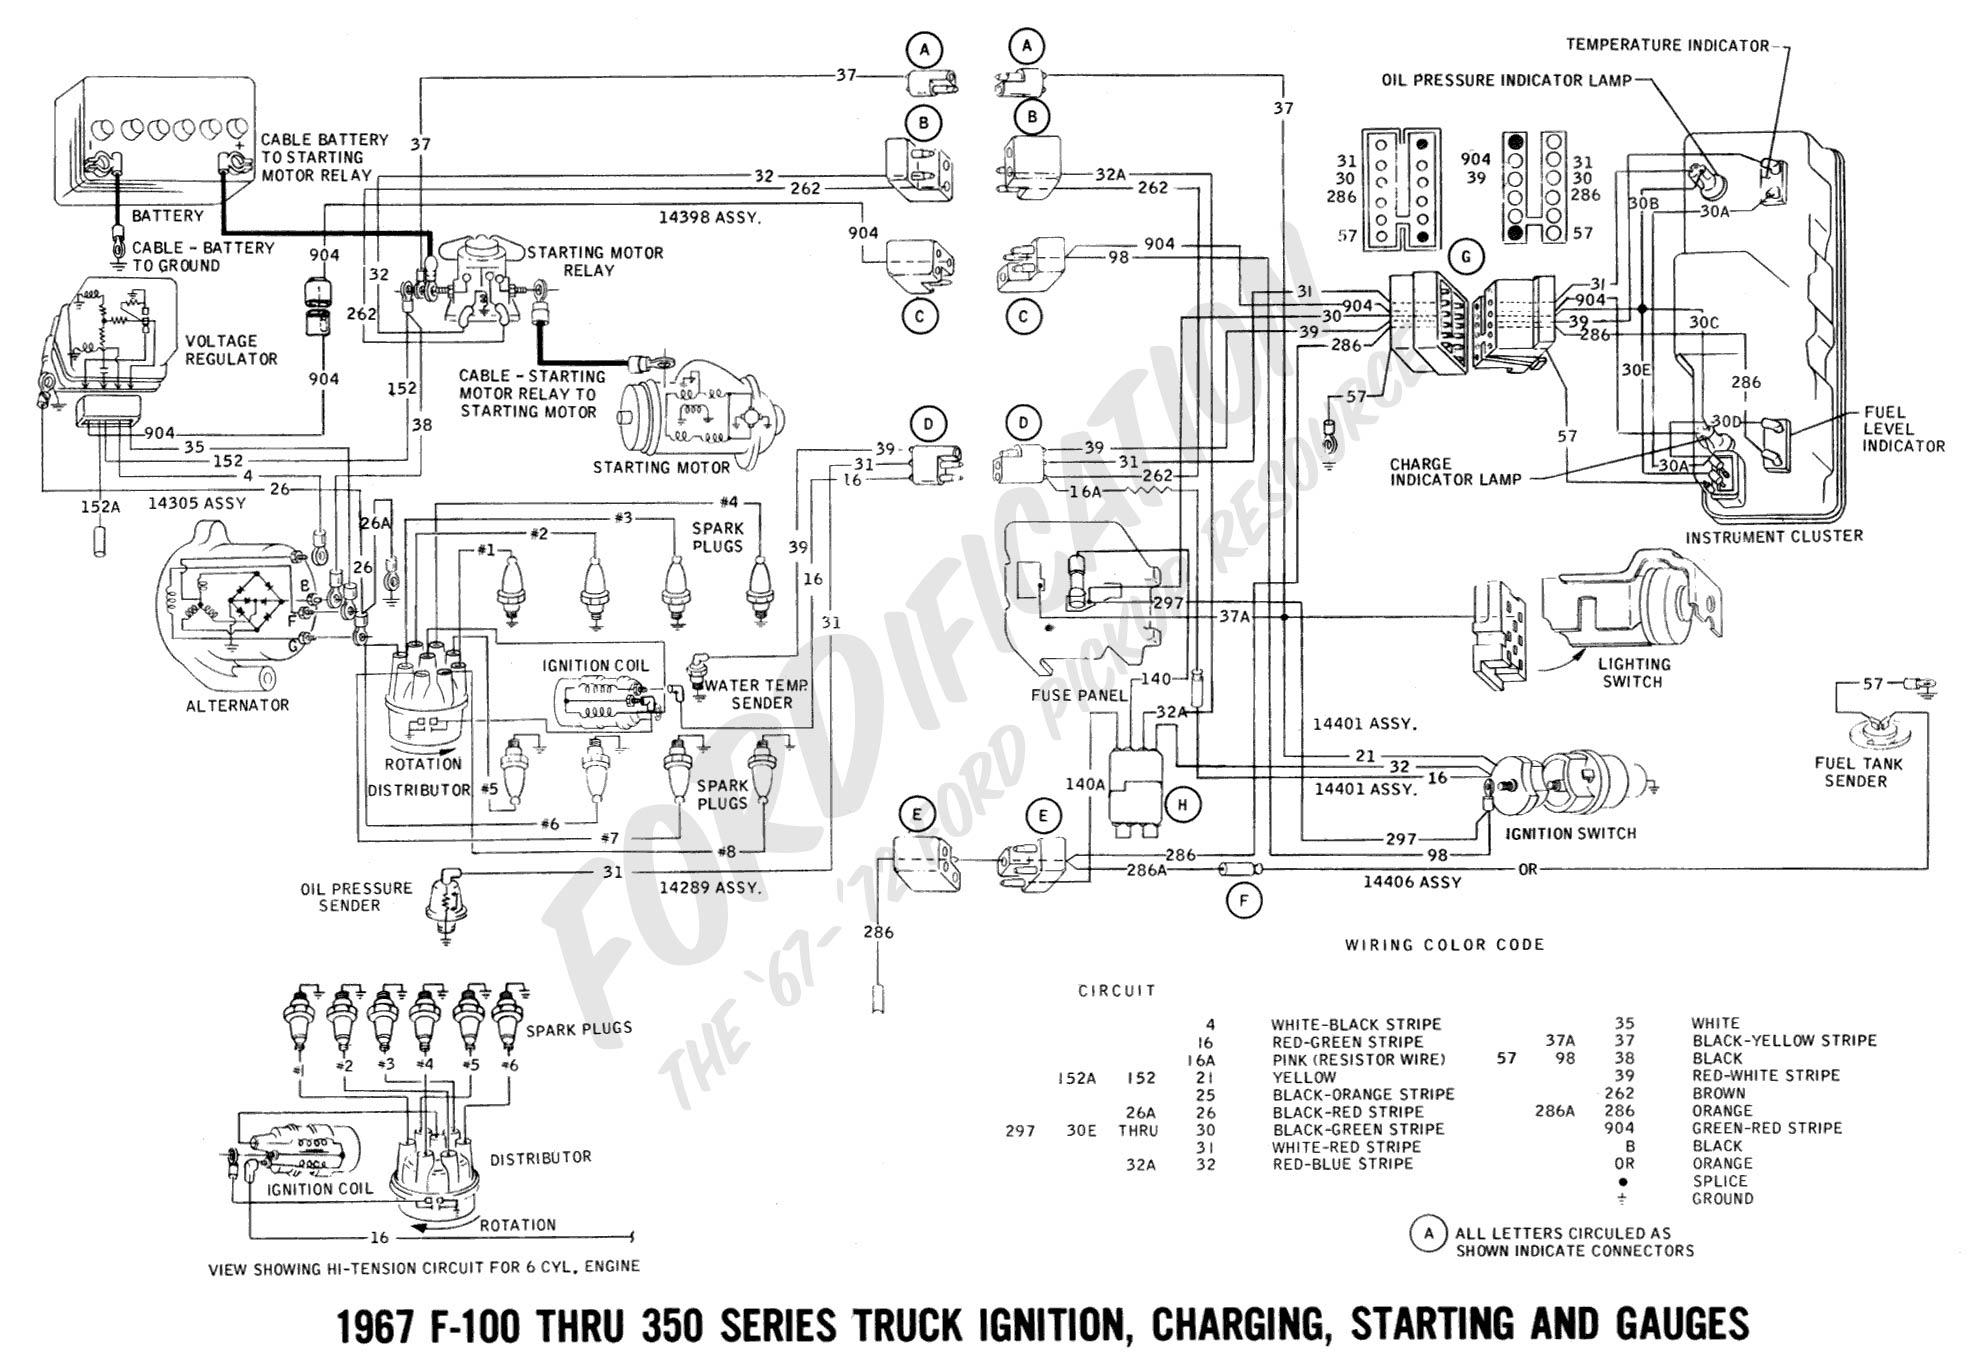 Phenomenal 1966 Mustang Heater Wiring Diagram Basic Electronics Wiring Diagram Wiring Cloud Waroletkolfr09Org